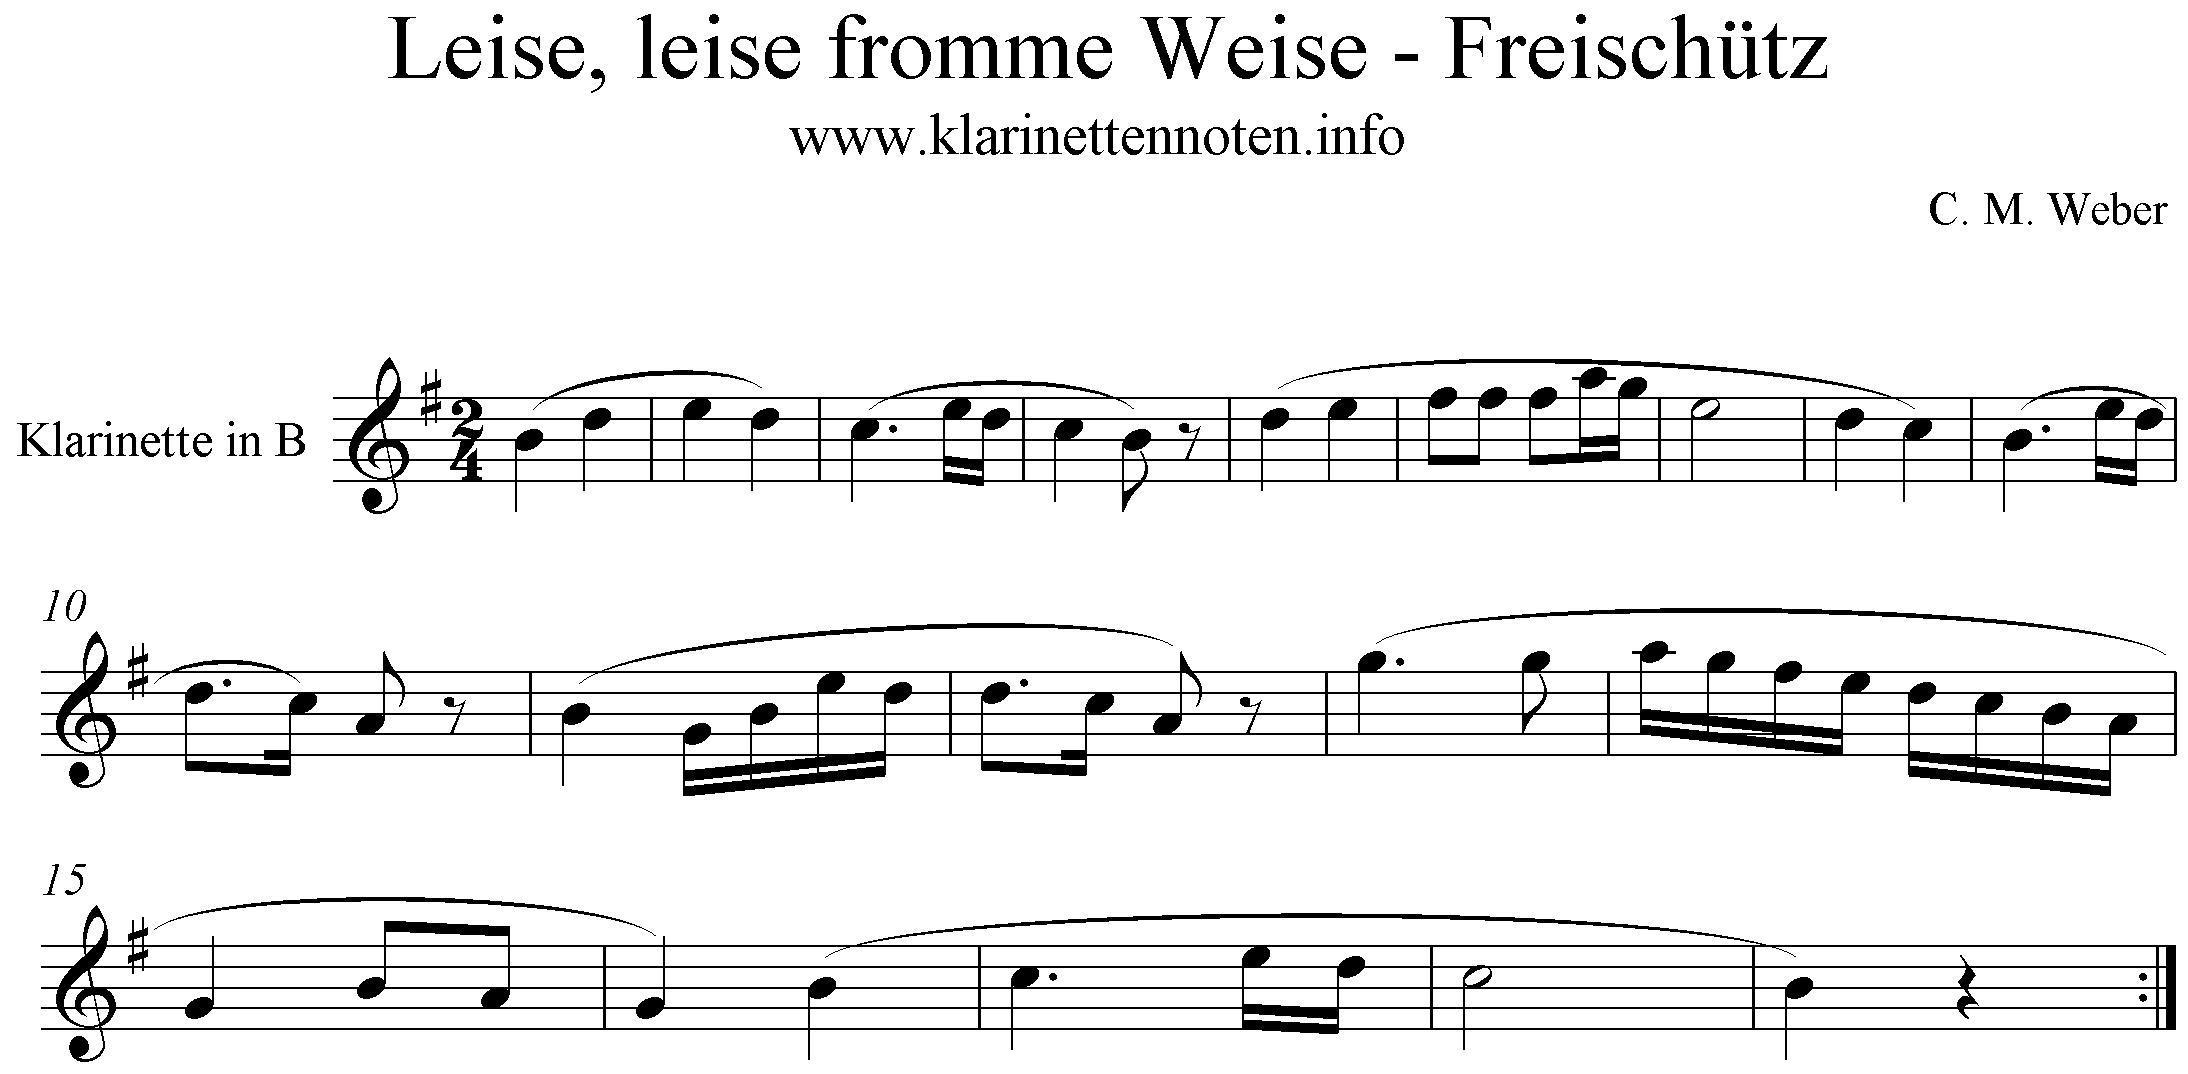 noten- C. M. Weber- Der Freischütz, Leise leise fromme Weise